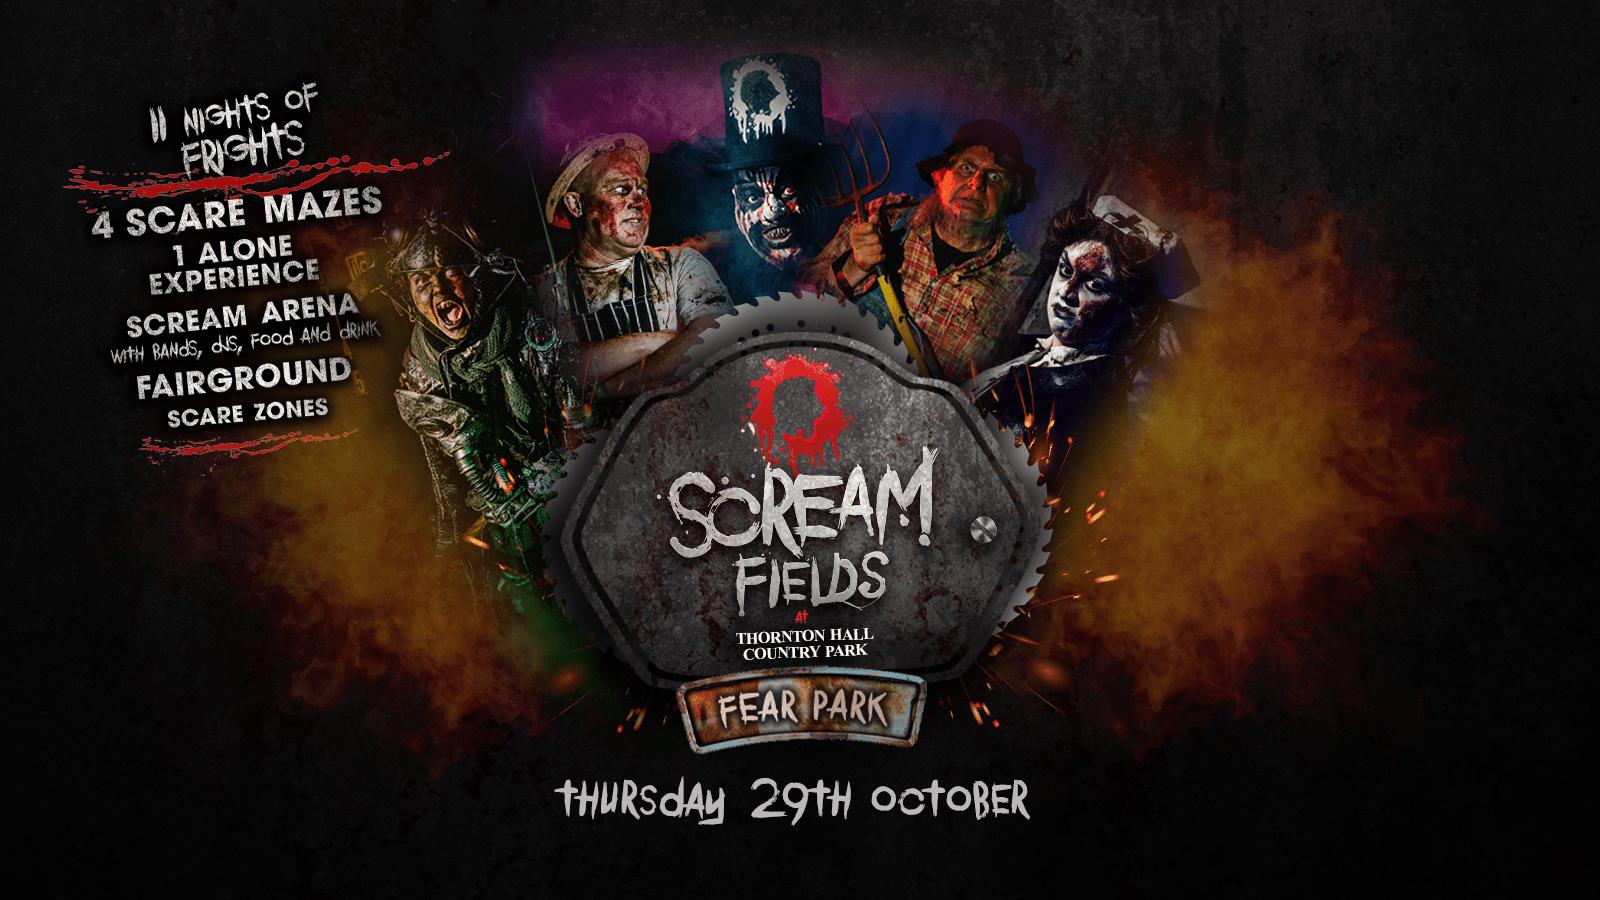 6.00PM – Screamfields: Thursday 29th October 2020